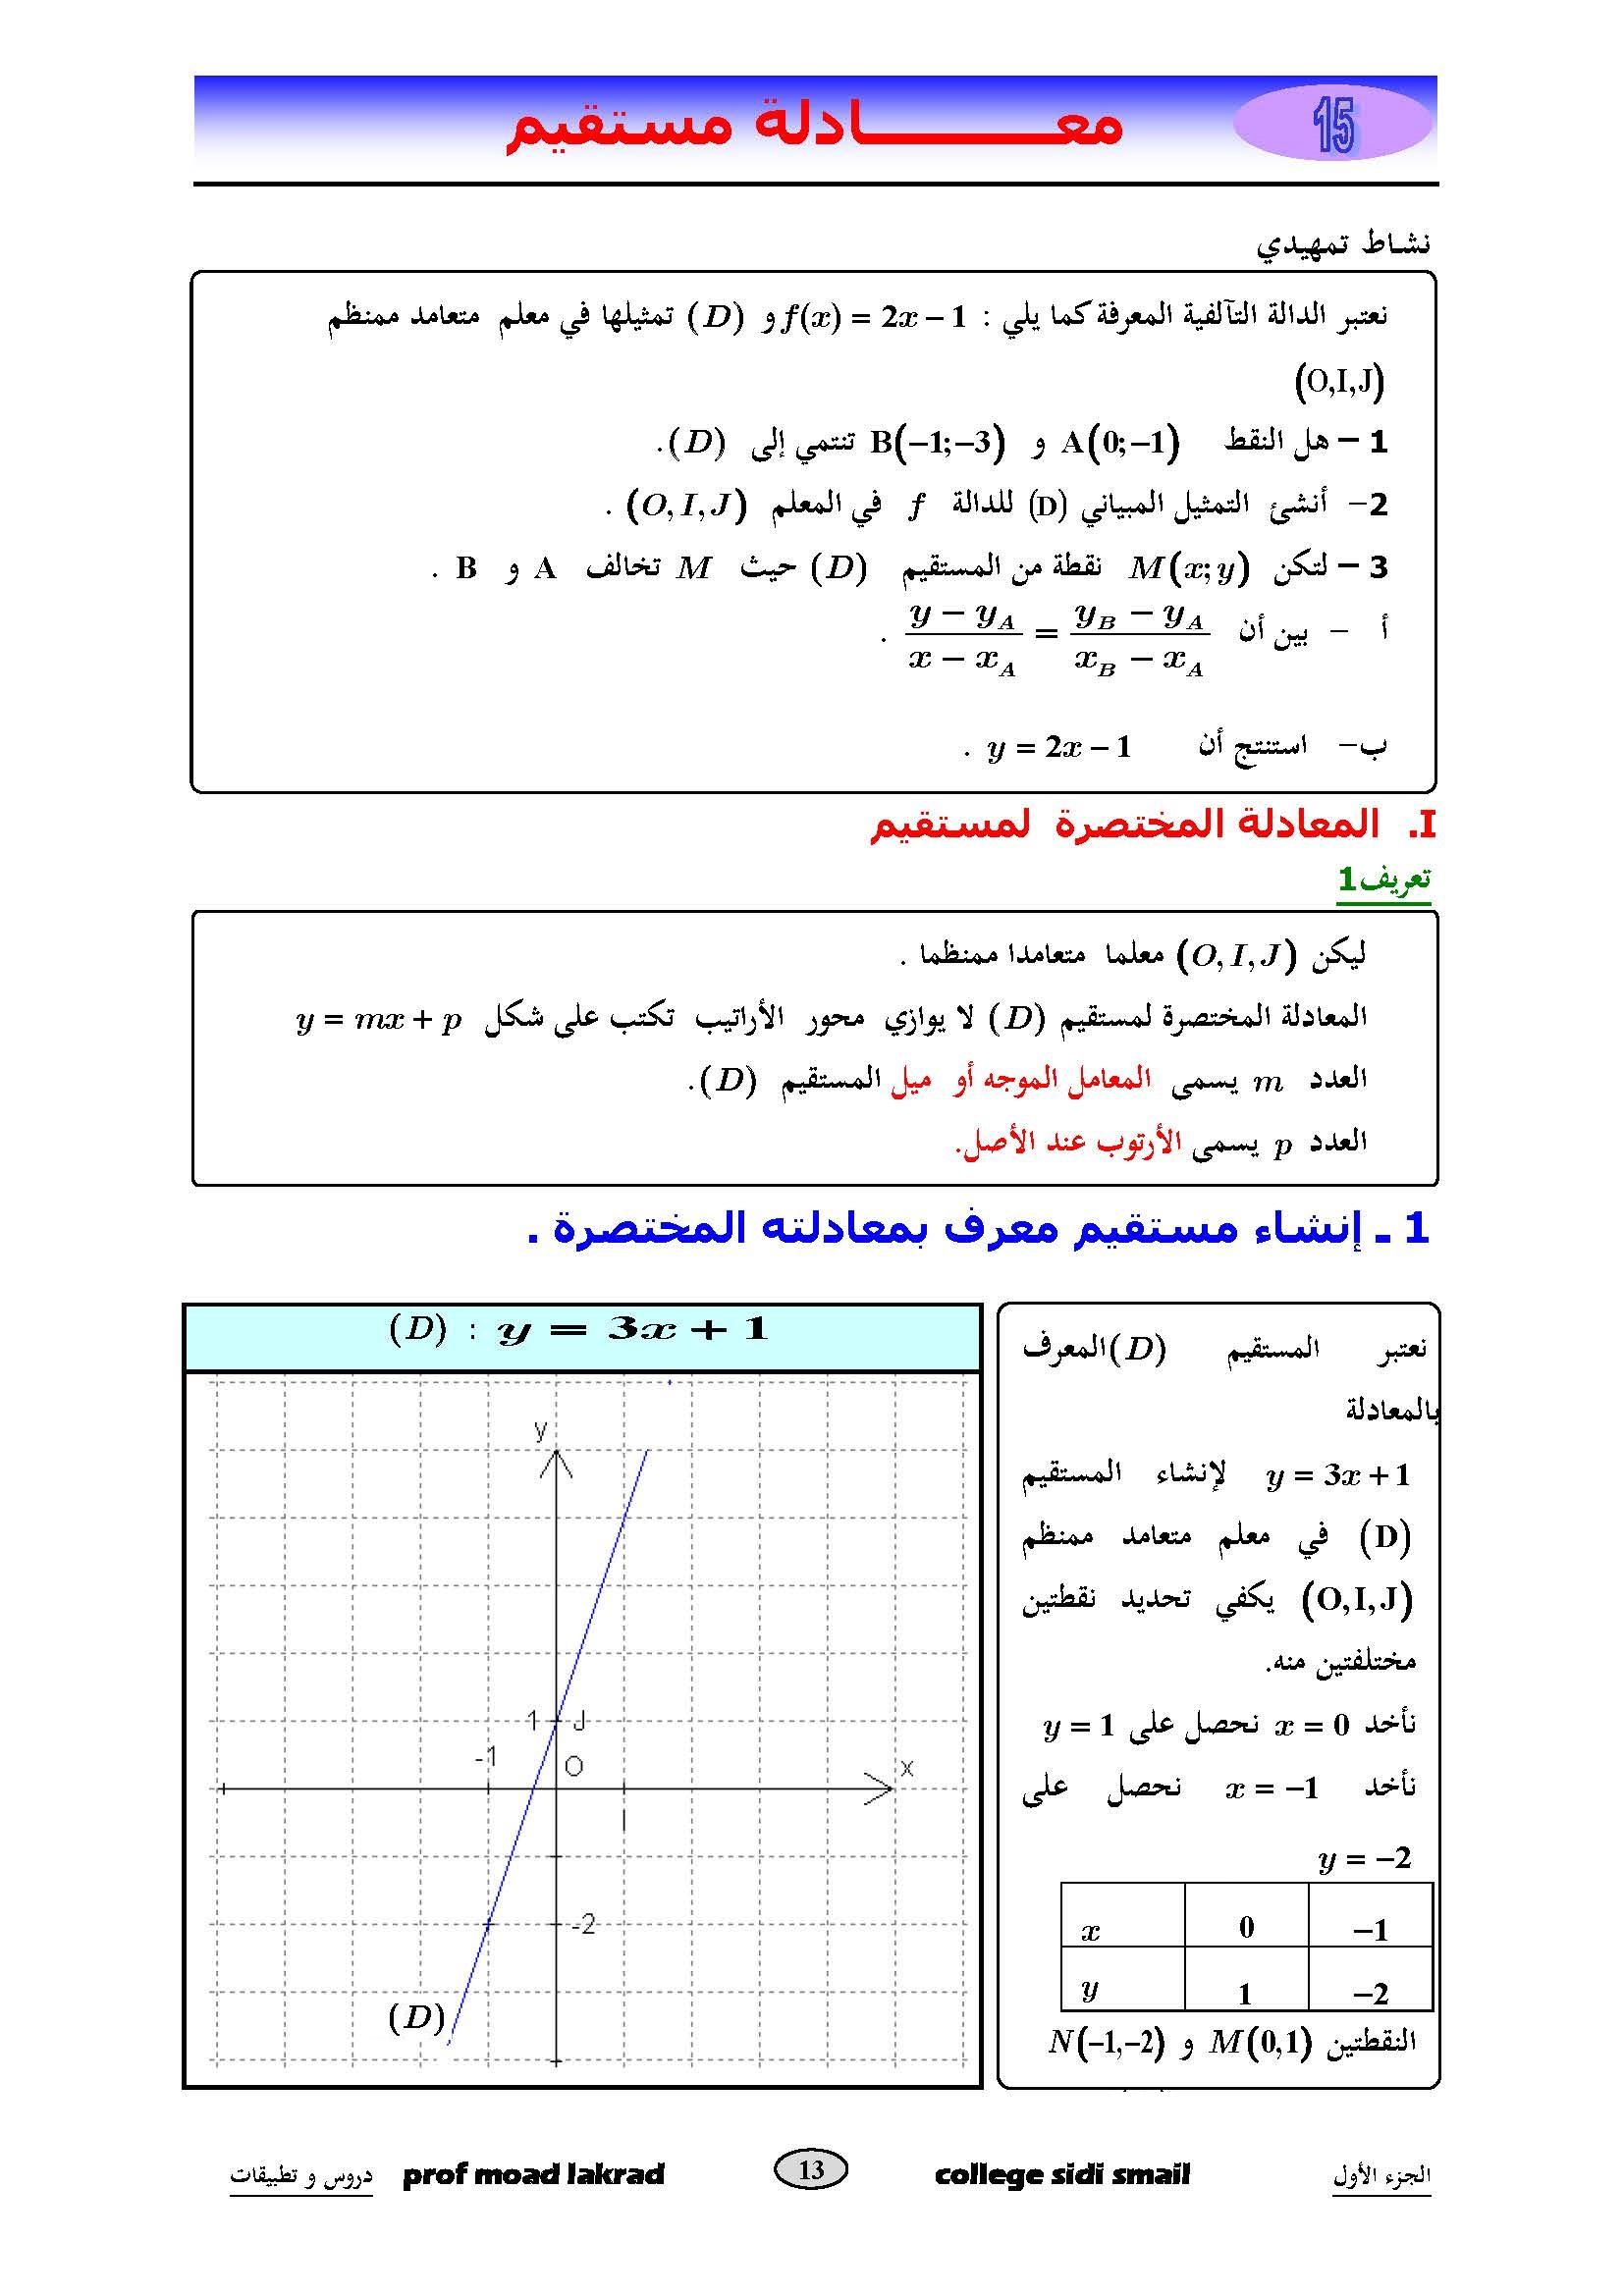 دروس الرياضيات:  معادلة مستقيم | الثالثة إعدادي